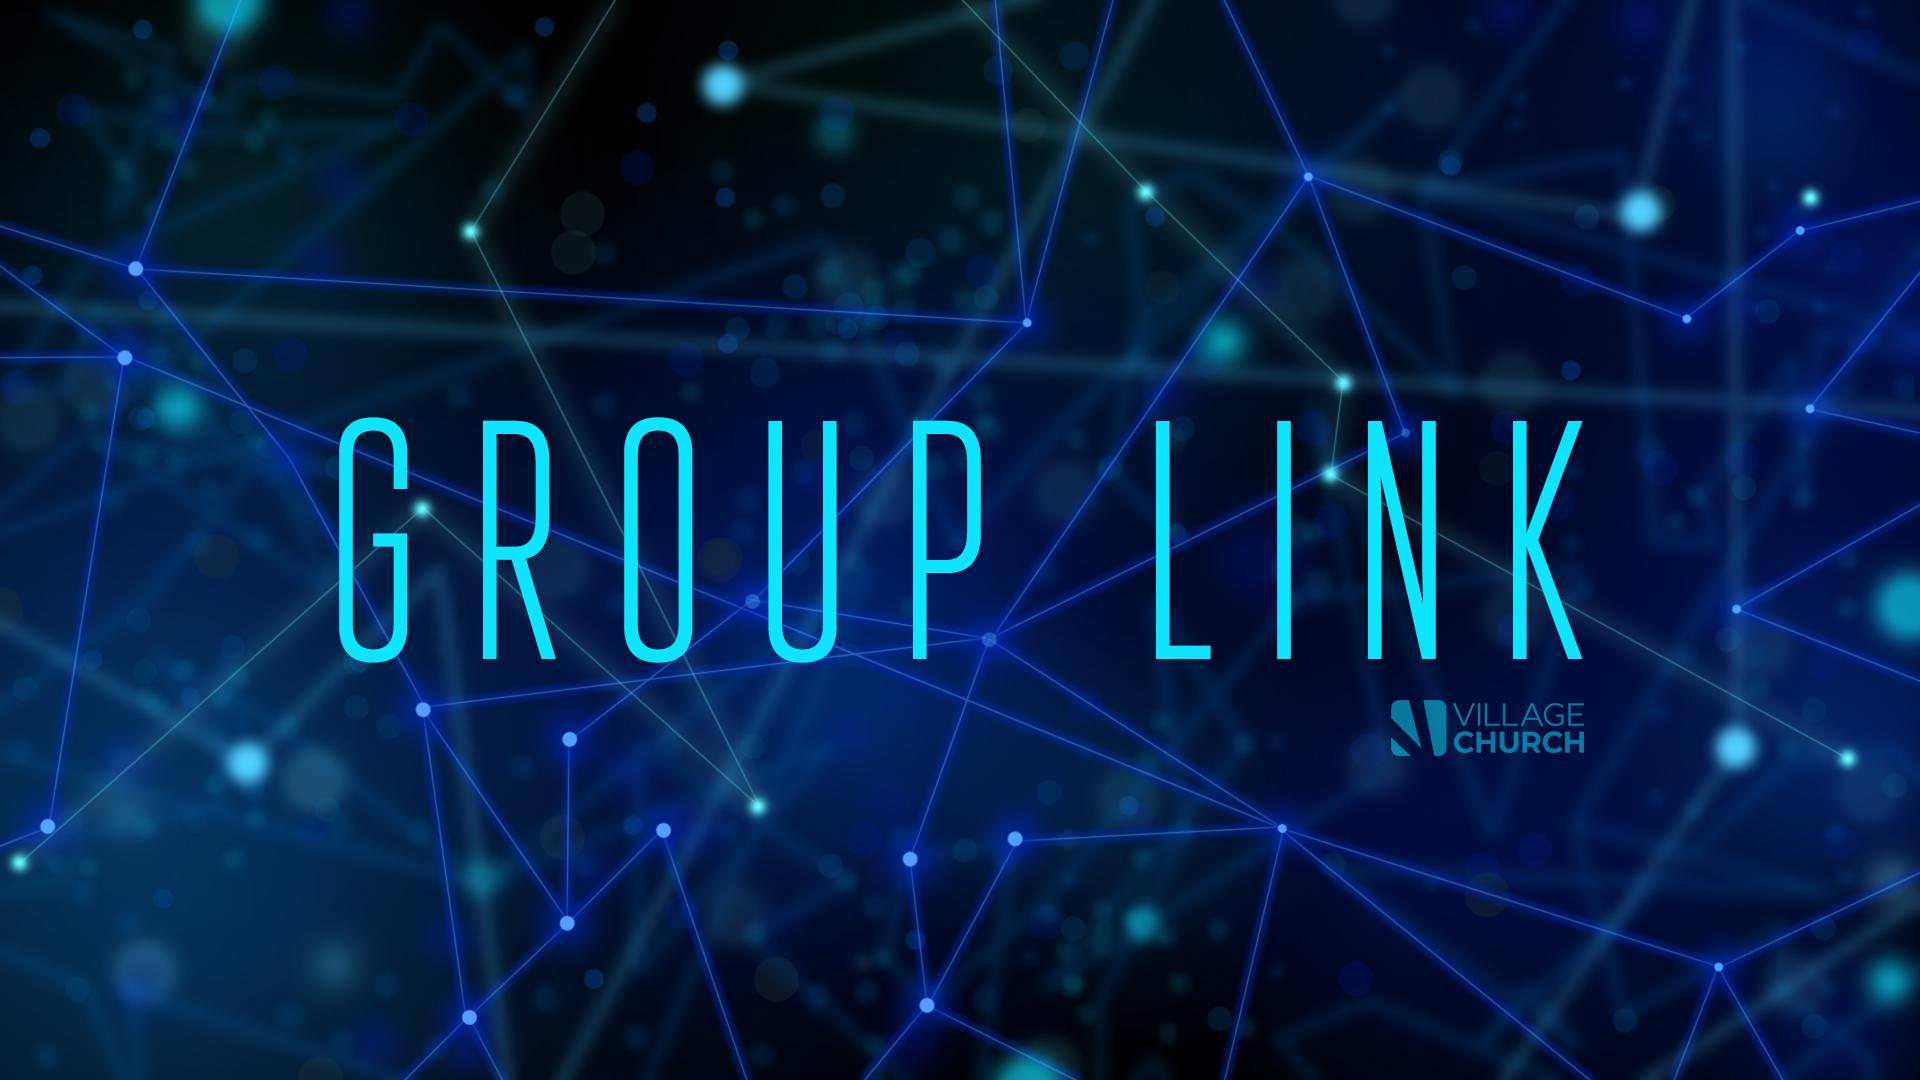 GroupLink_1920x1080_header.jpg